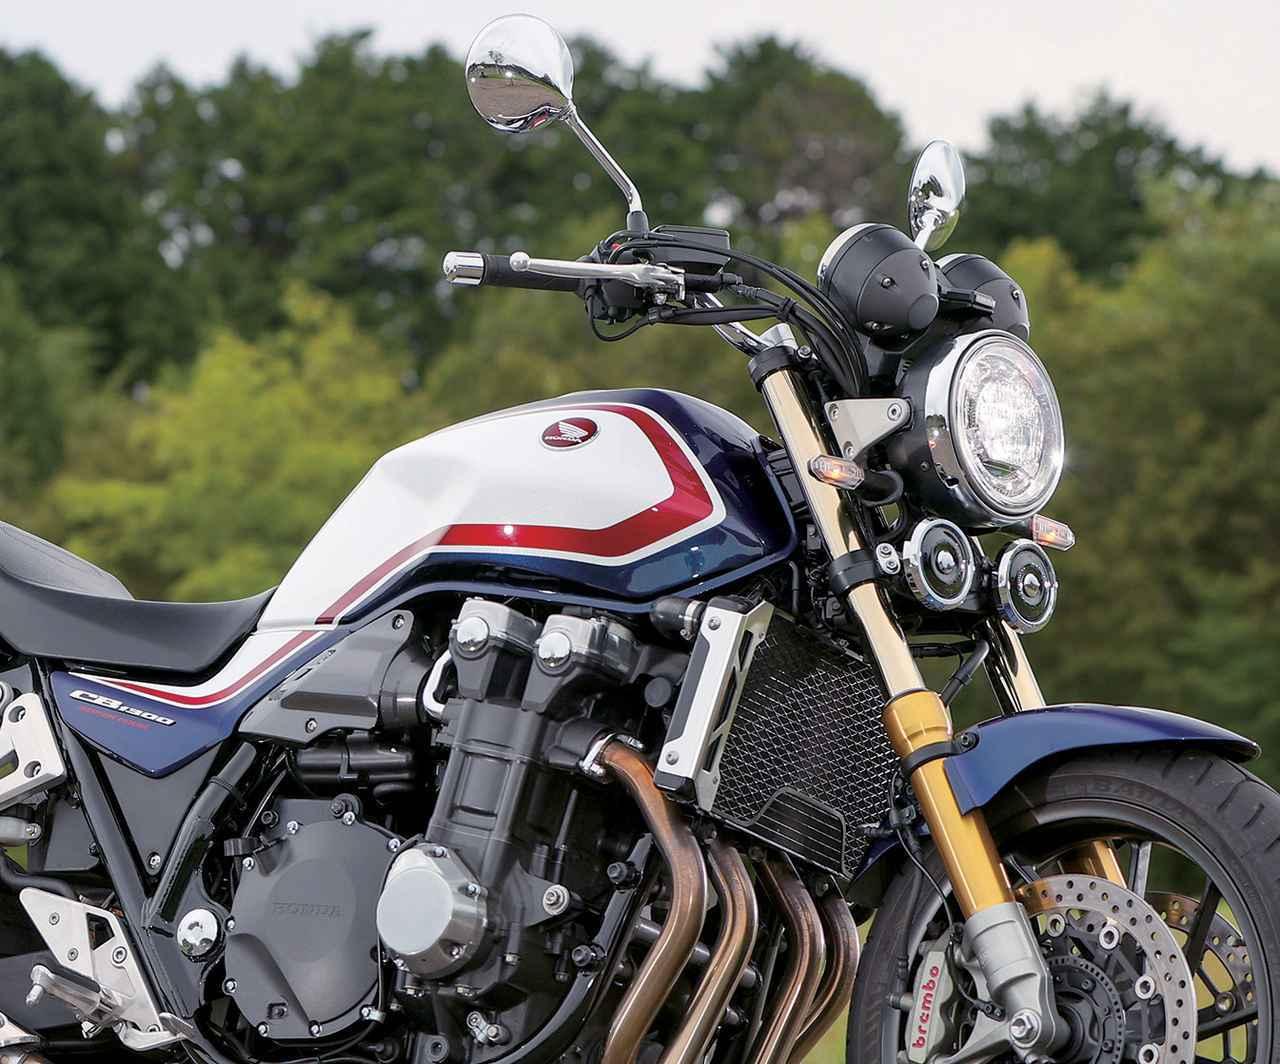 画像: ホンダ「CB1300 SUPER FOUR」ヒストリーガイド【名車の歴史】CB1000 SUPER FOURから始まったプロジェクトBIG-1の系譜 - webオートバイ